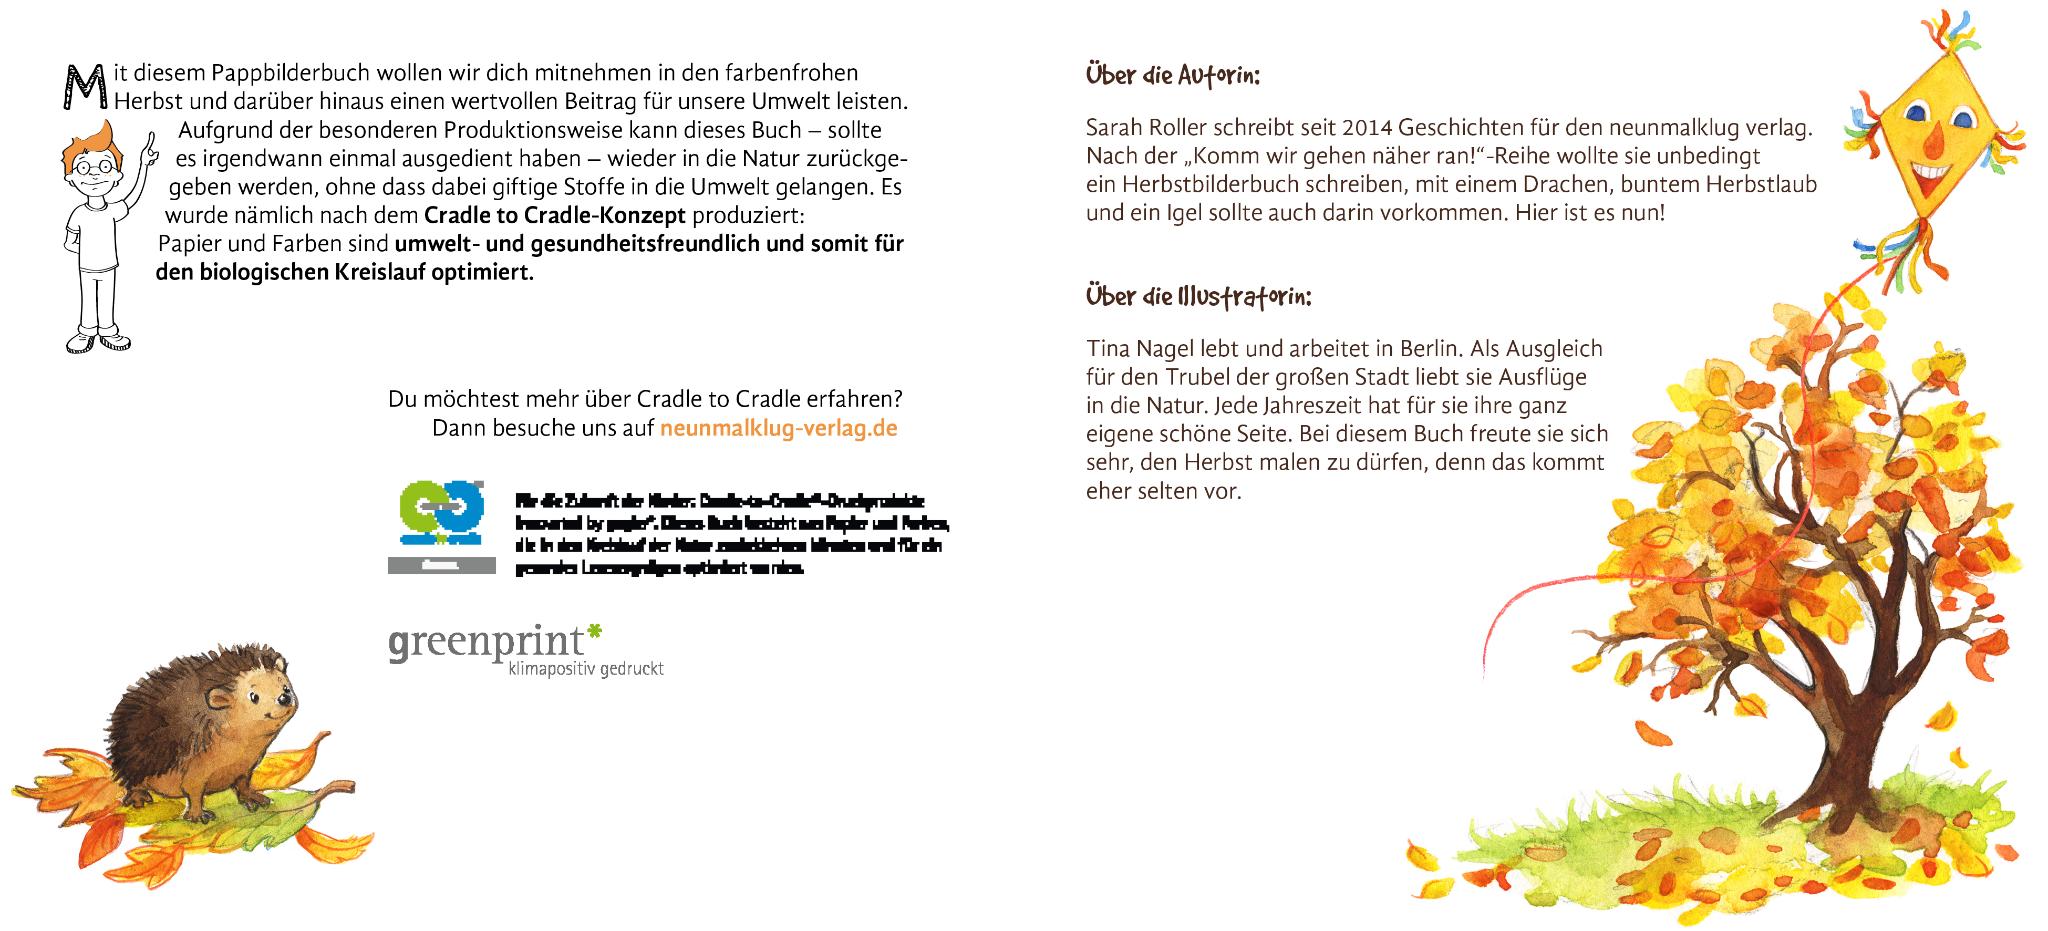 Flieg Kleiner Drachen Neunmalklug Verlag